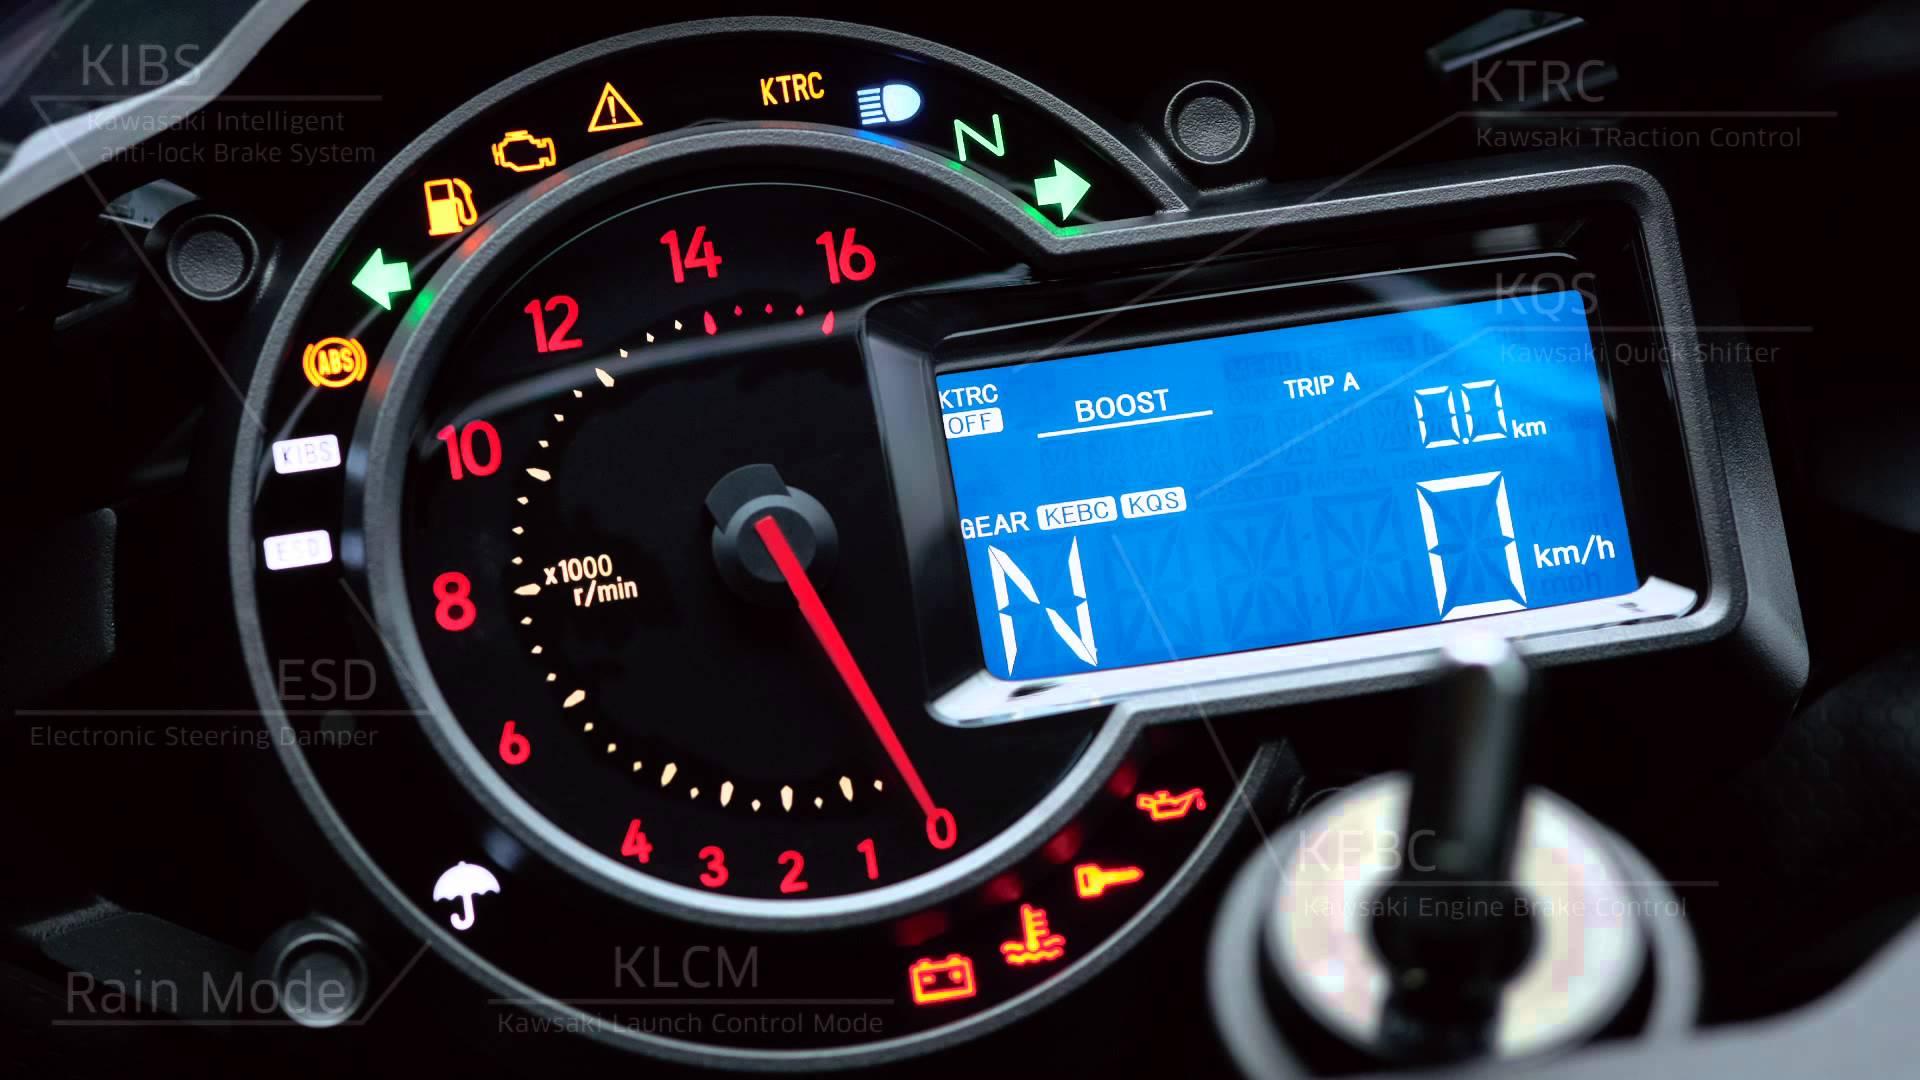 2015 Kawasaki Ninja H2R - Electronic Controls - YouTube